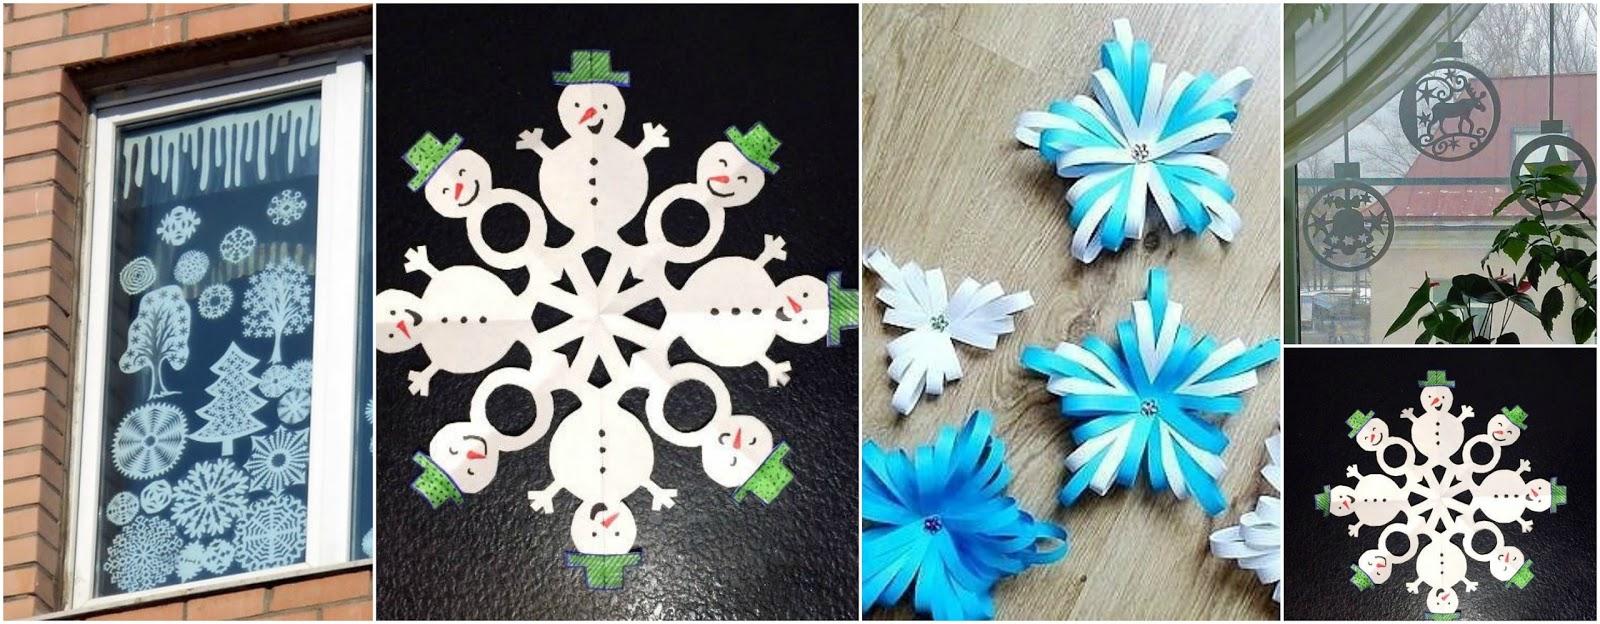 Tutorial aprende c mo hacer 4 hermosos adornos navide os for Adornos navidenos origami paso a paso